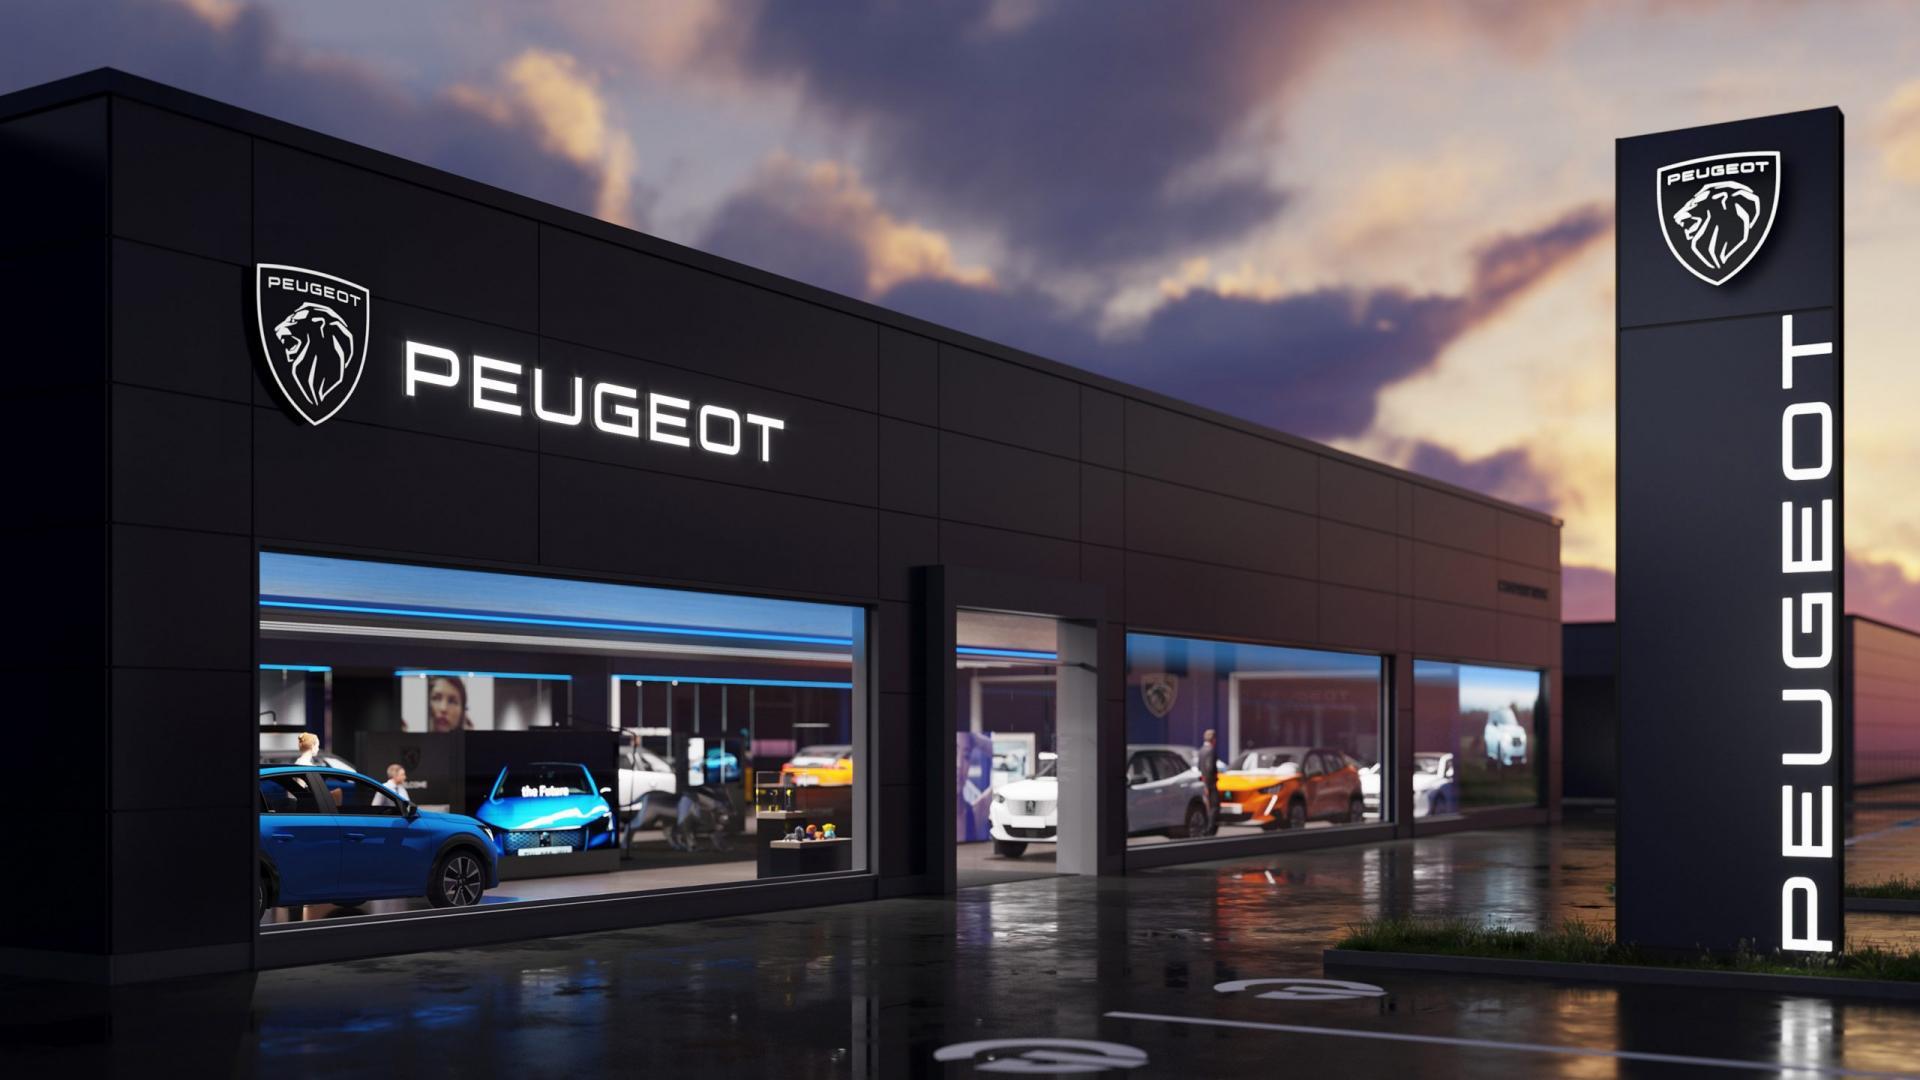 Peugeot-logo 2021 bij dealer in de nacht